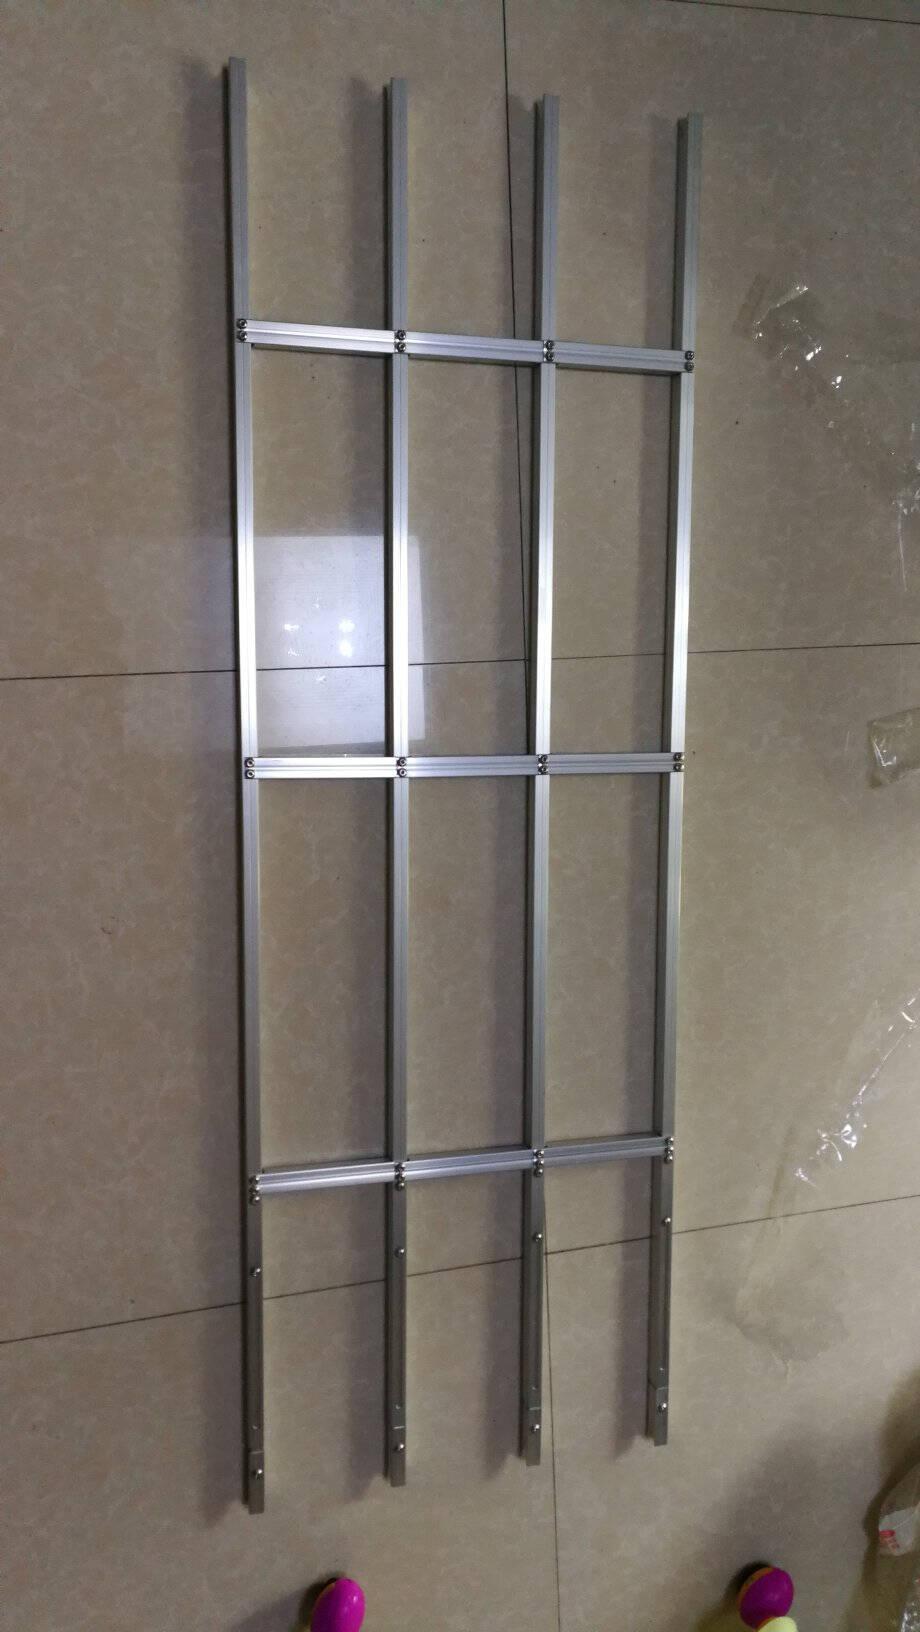 免打孔防盗窗网高层阳台室内置飘窗隐形儿童安全防坠落护栏可拆卸咖啡色窗洞高度106-121(1支)